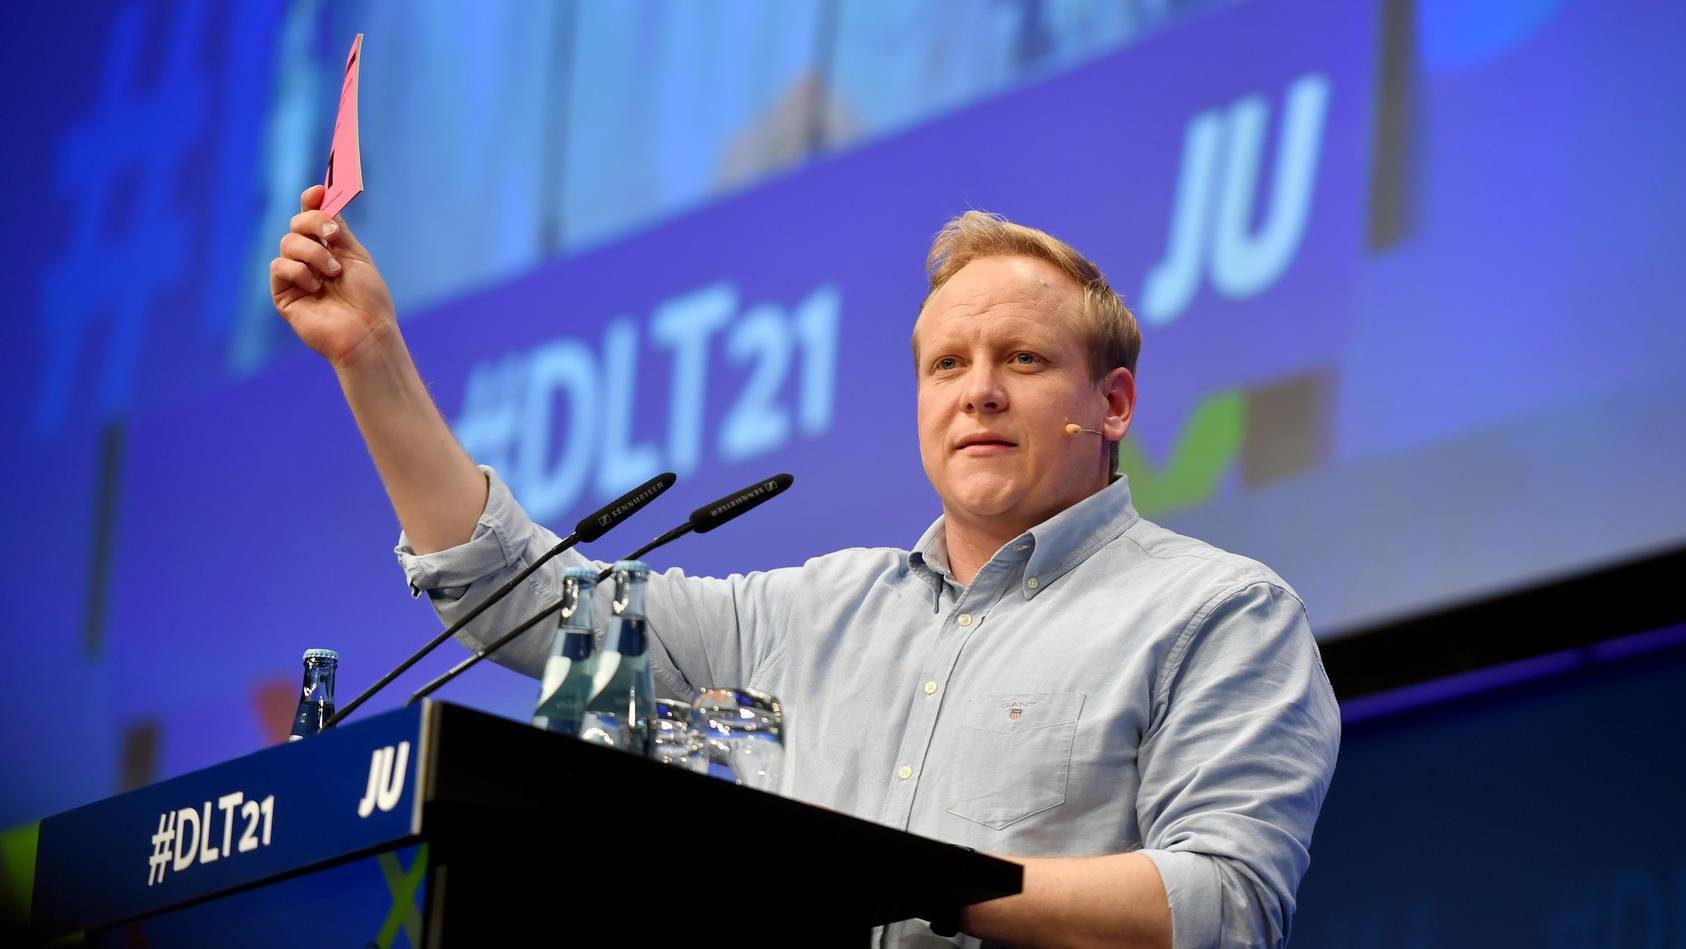 tilman-kuban-kritisiert-seine-eigene-partei-auf-dem-deutschlandtag-der-jungen-union